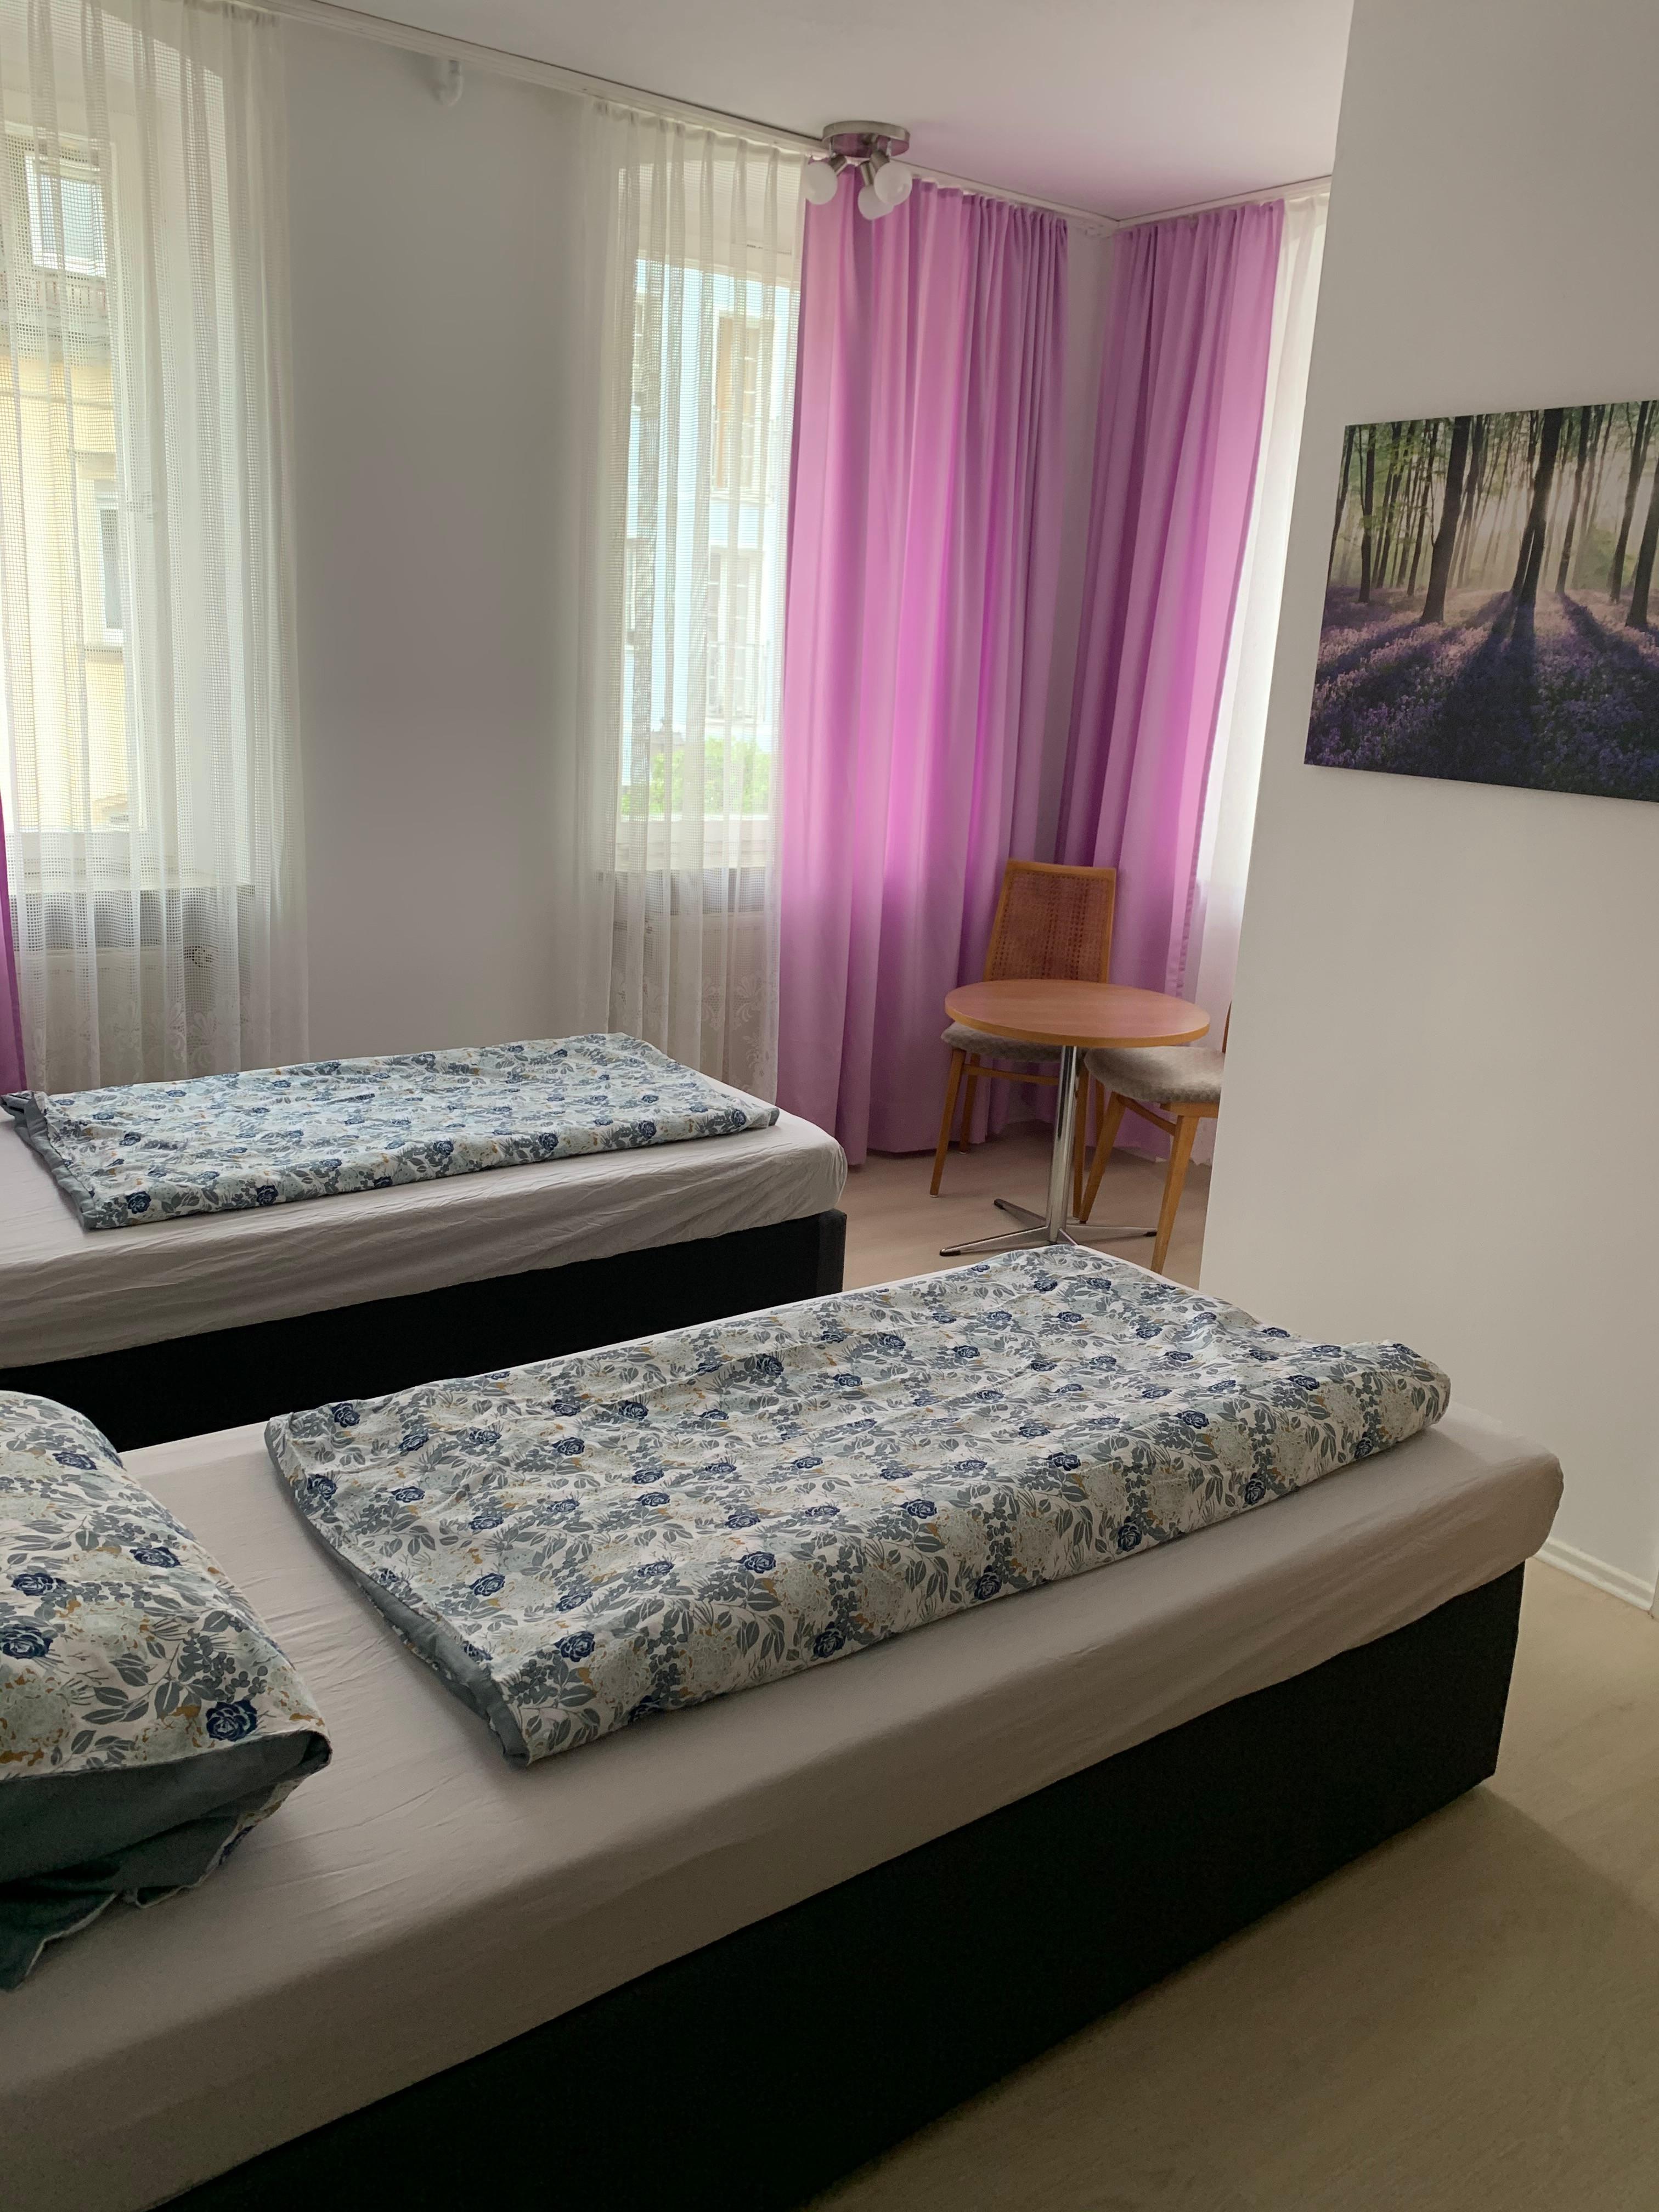 Möblierte Zimmer ab 14,50€ p.P. / Nacht